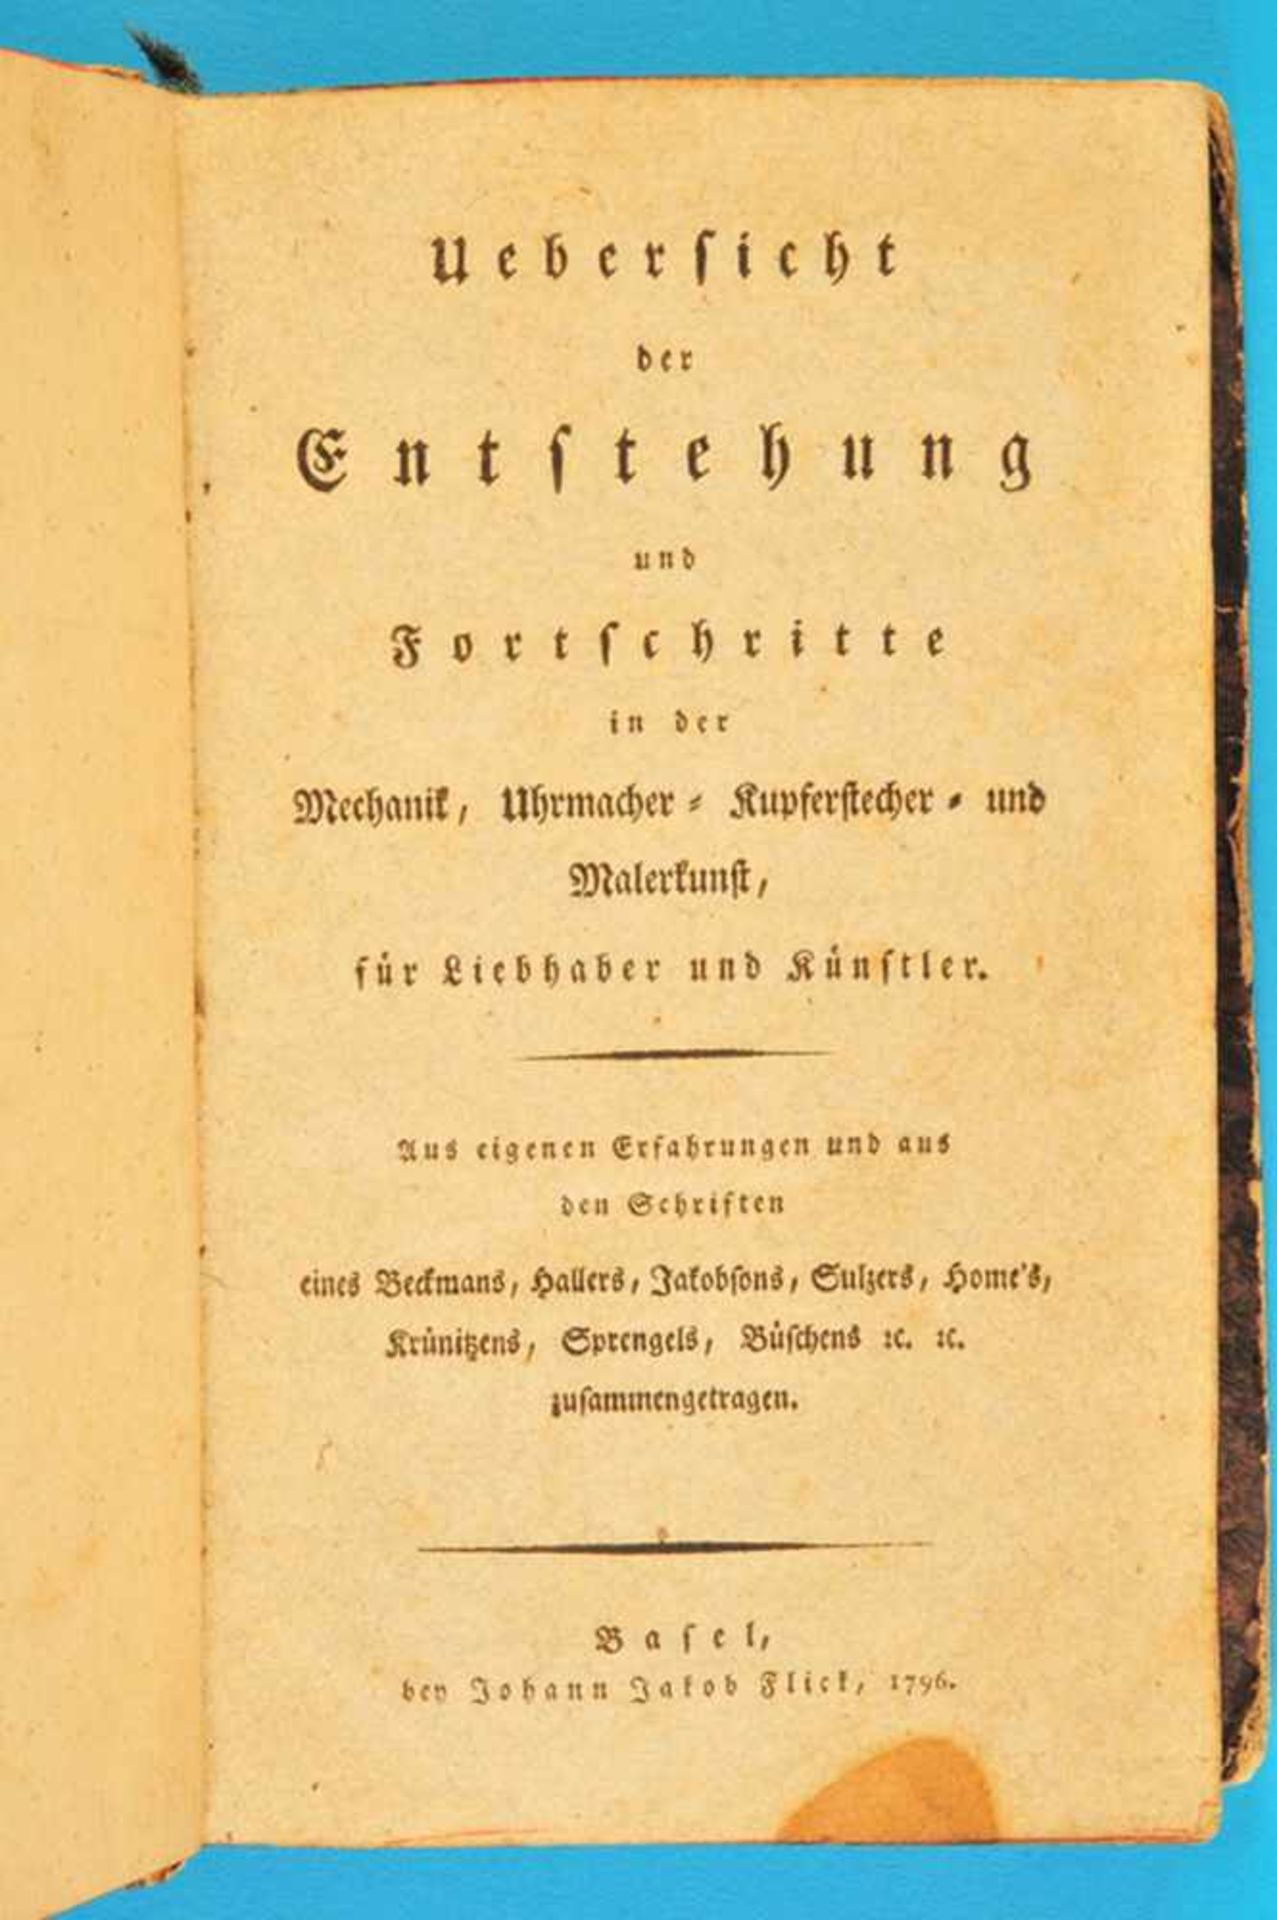 Los 7 - Johann Jakob Flick, Übersicht der Entstehung und Fortschritte in der Mechanik, Uhrmacher-,